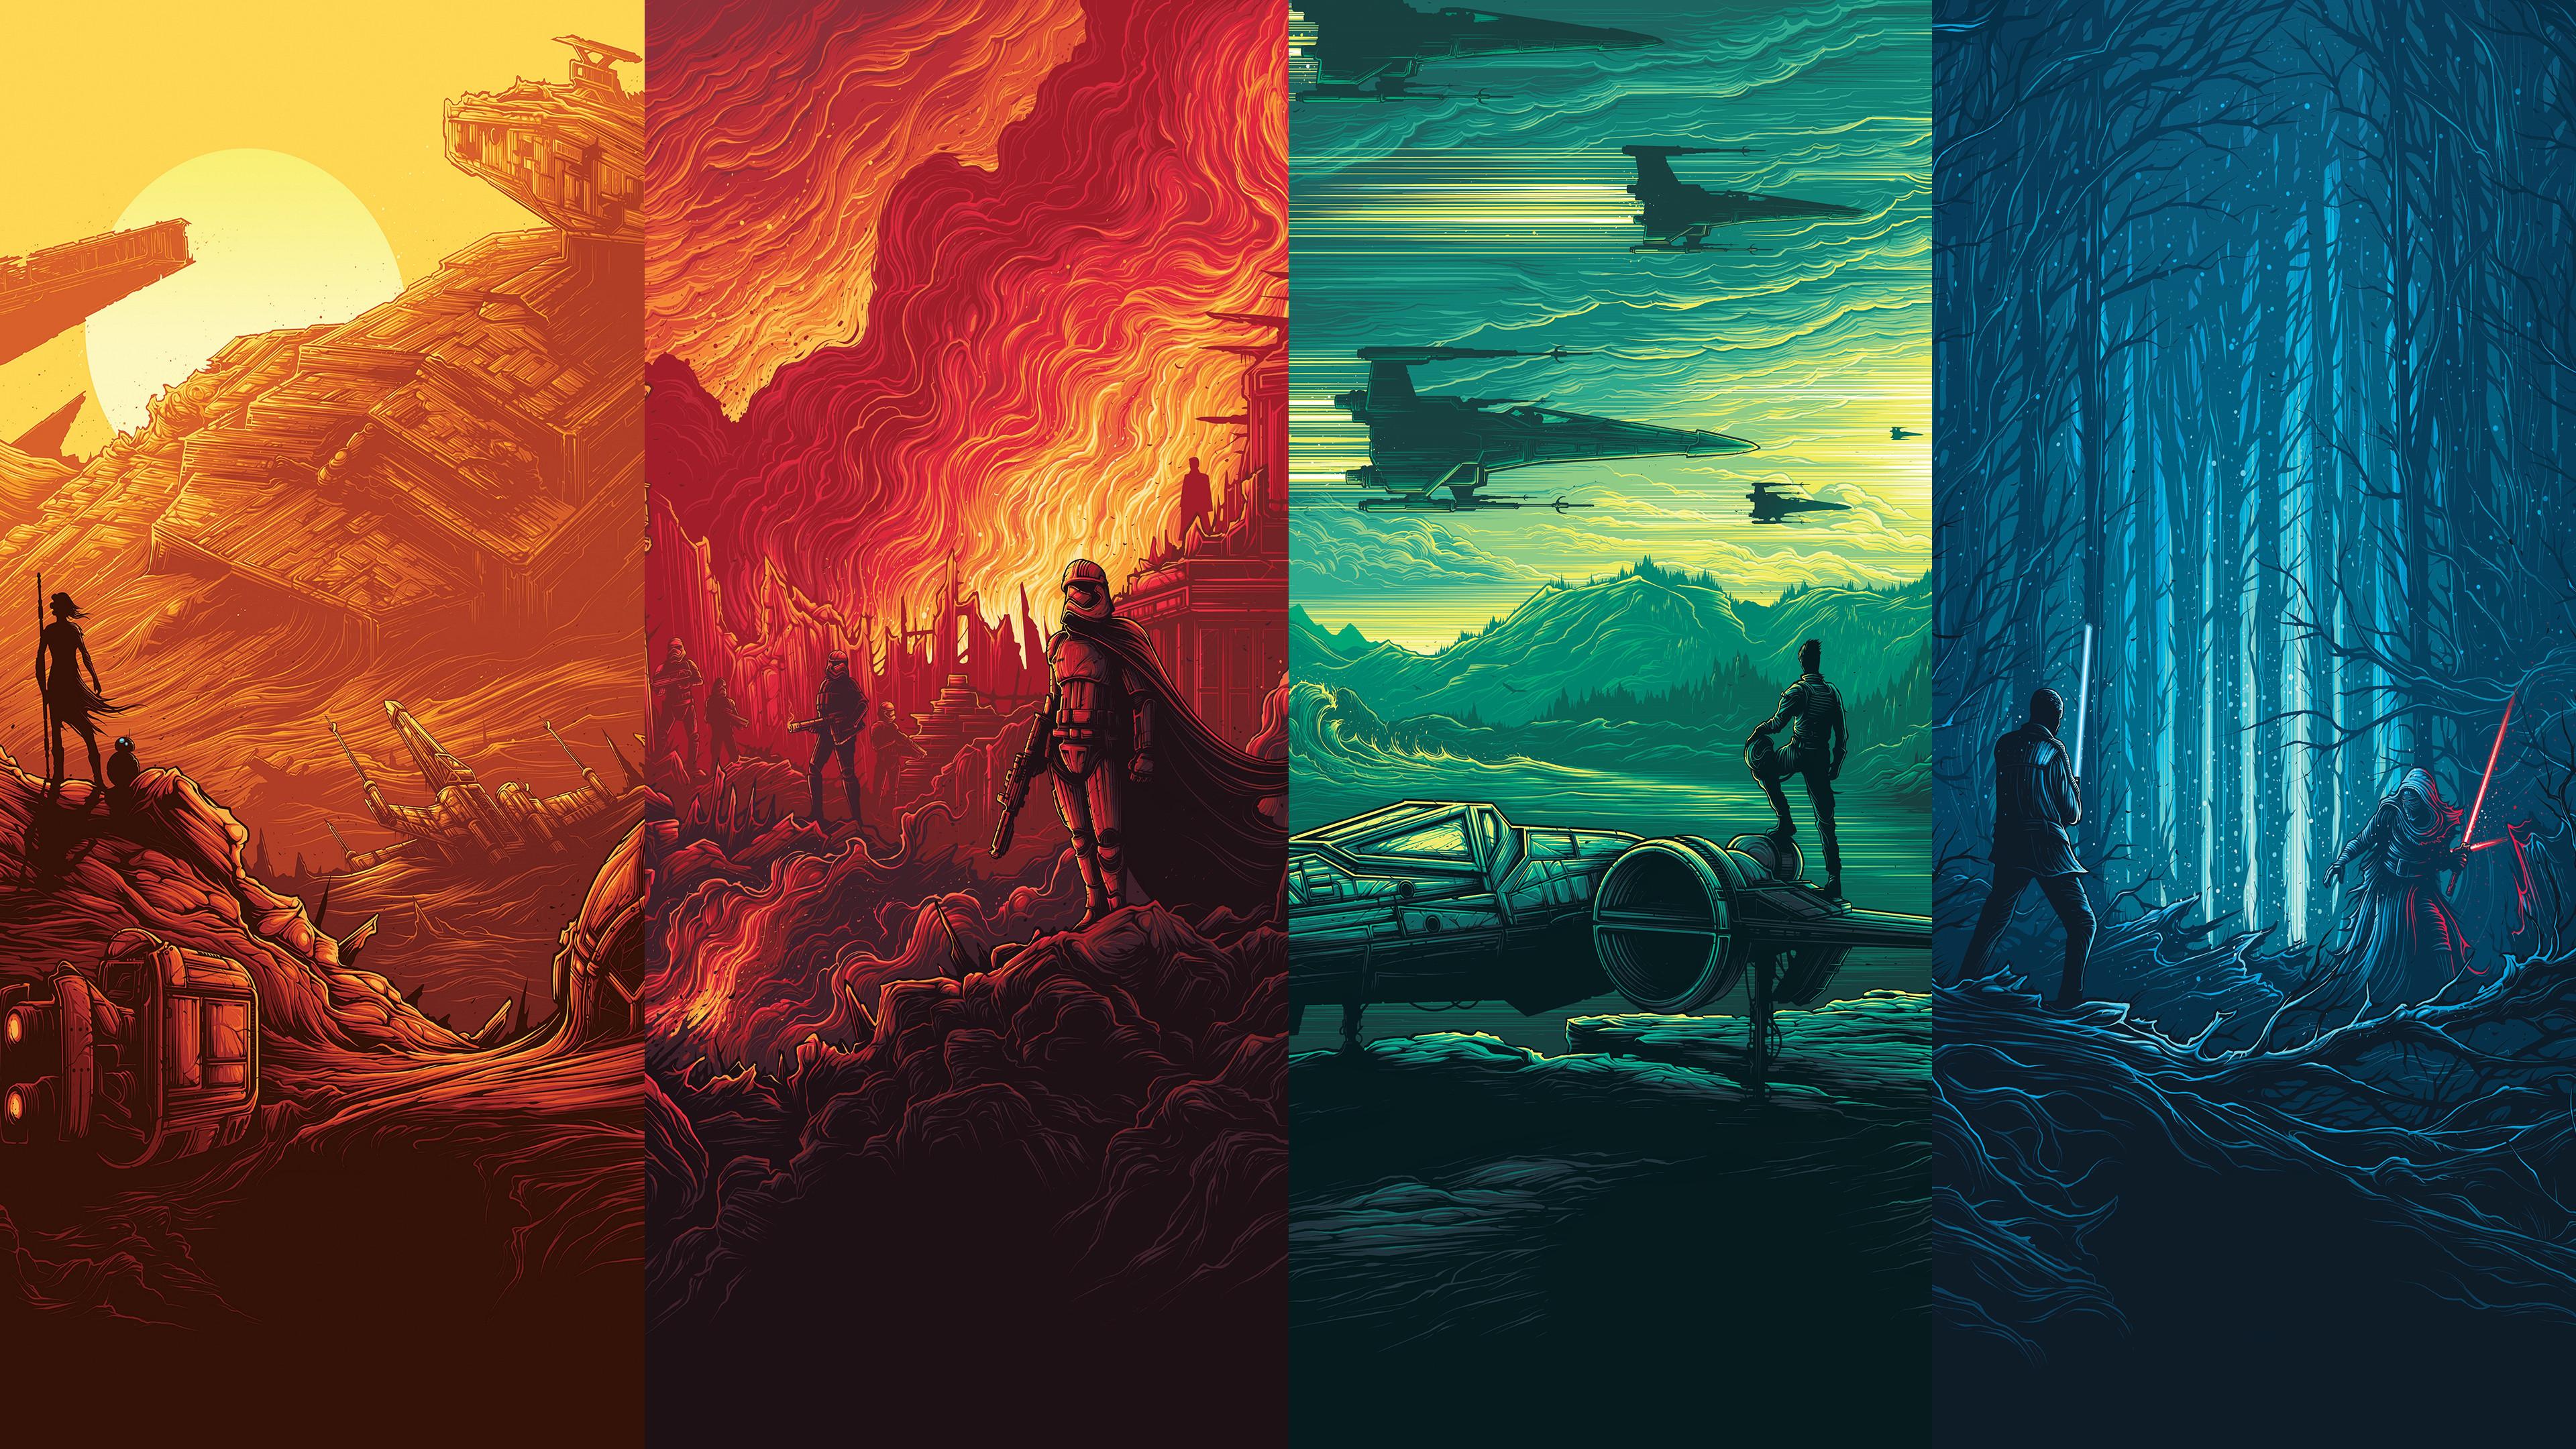 47 Dual Screen Wallpaper Star Wars On Wallpapersafari